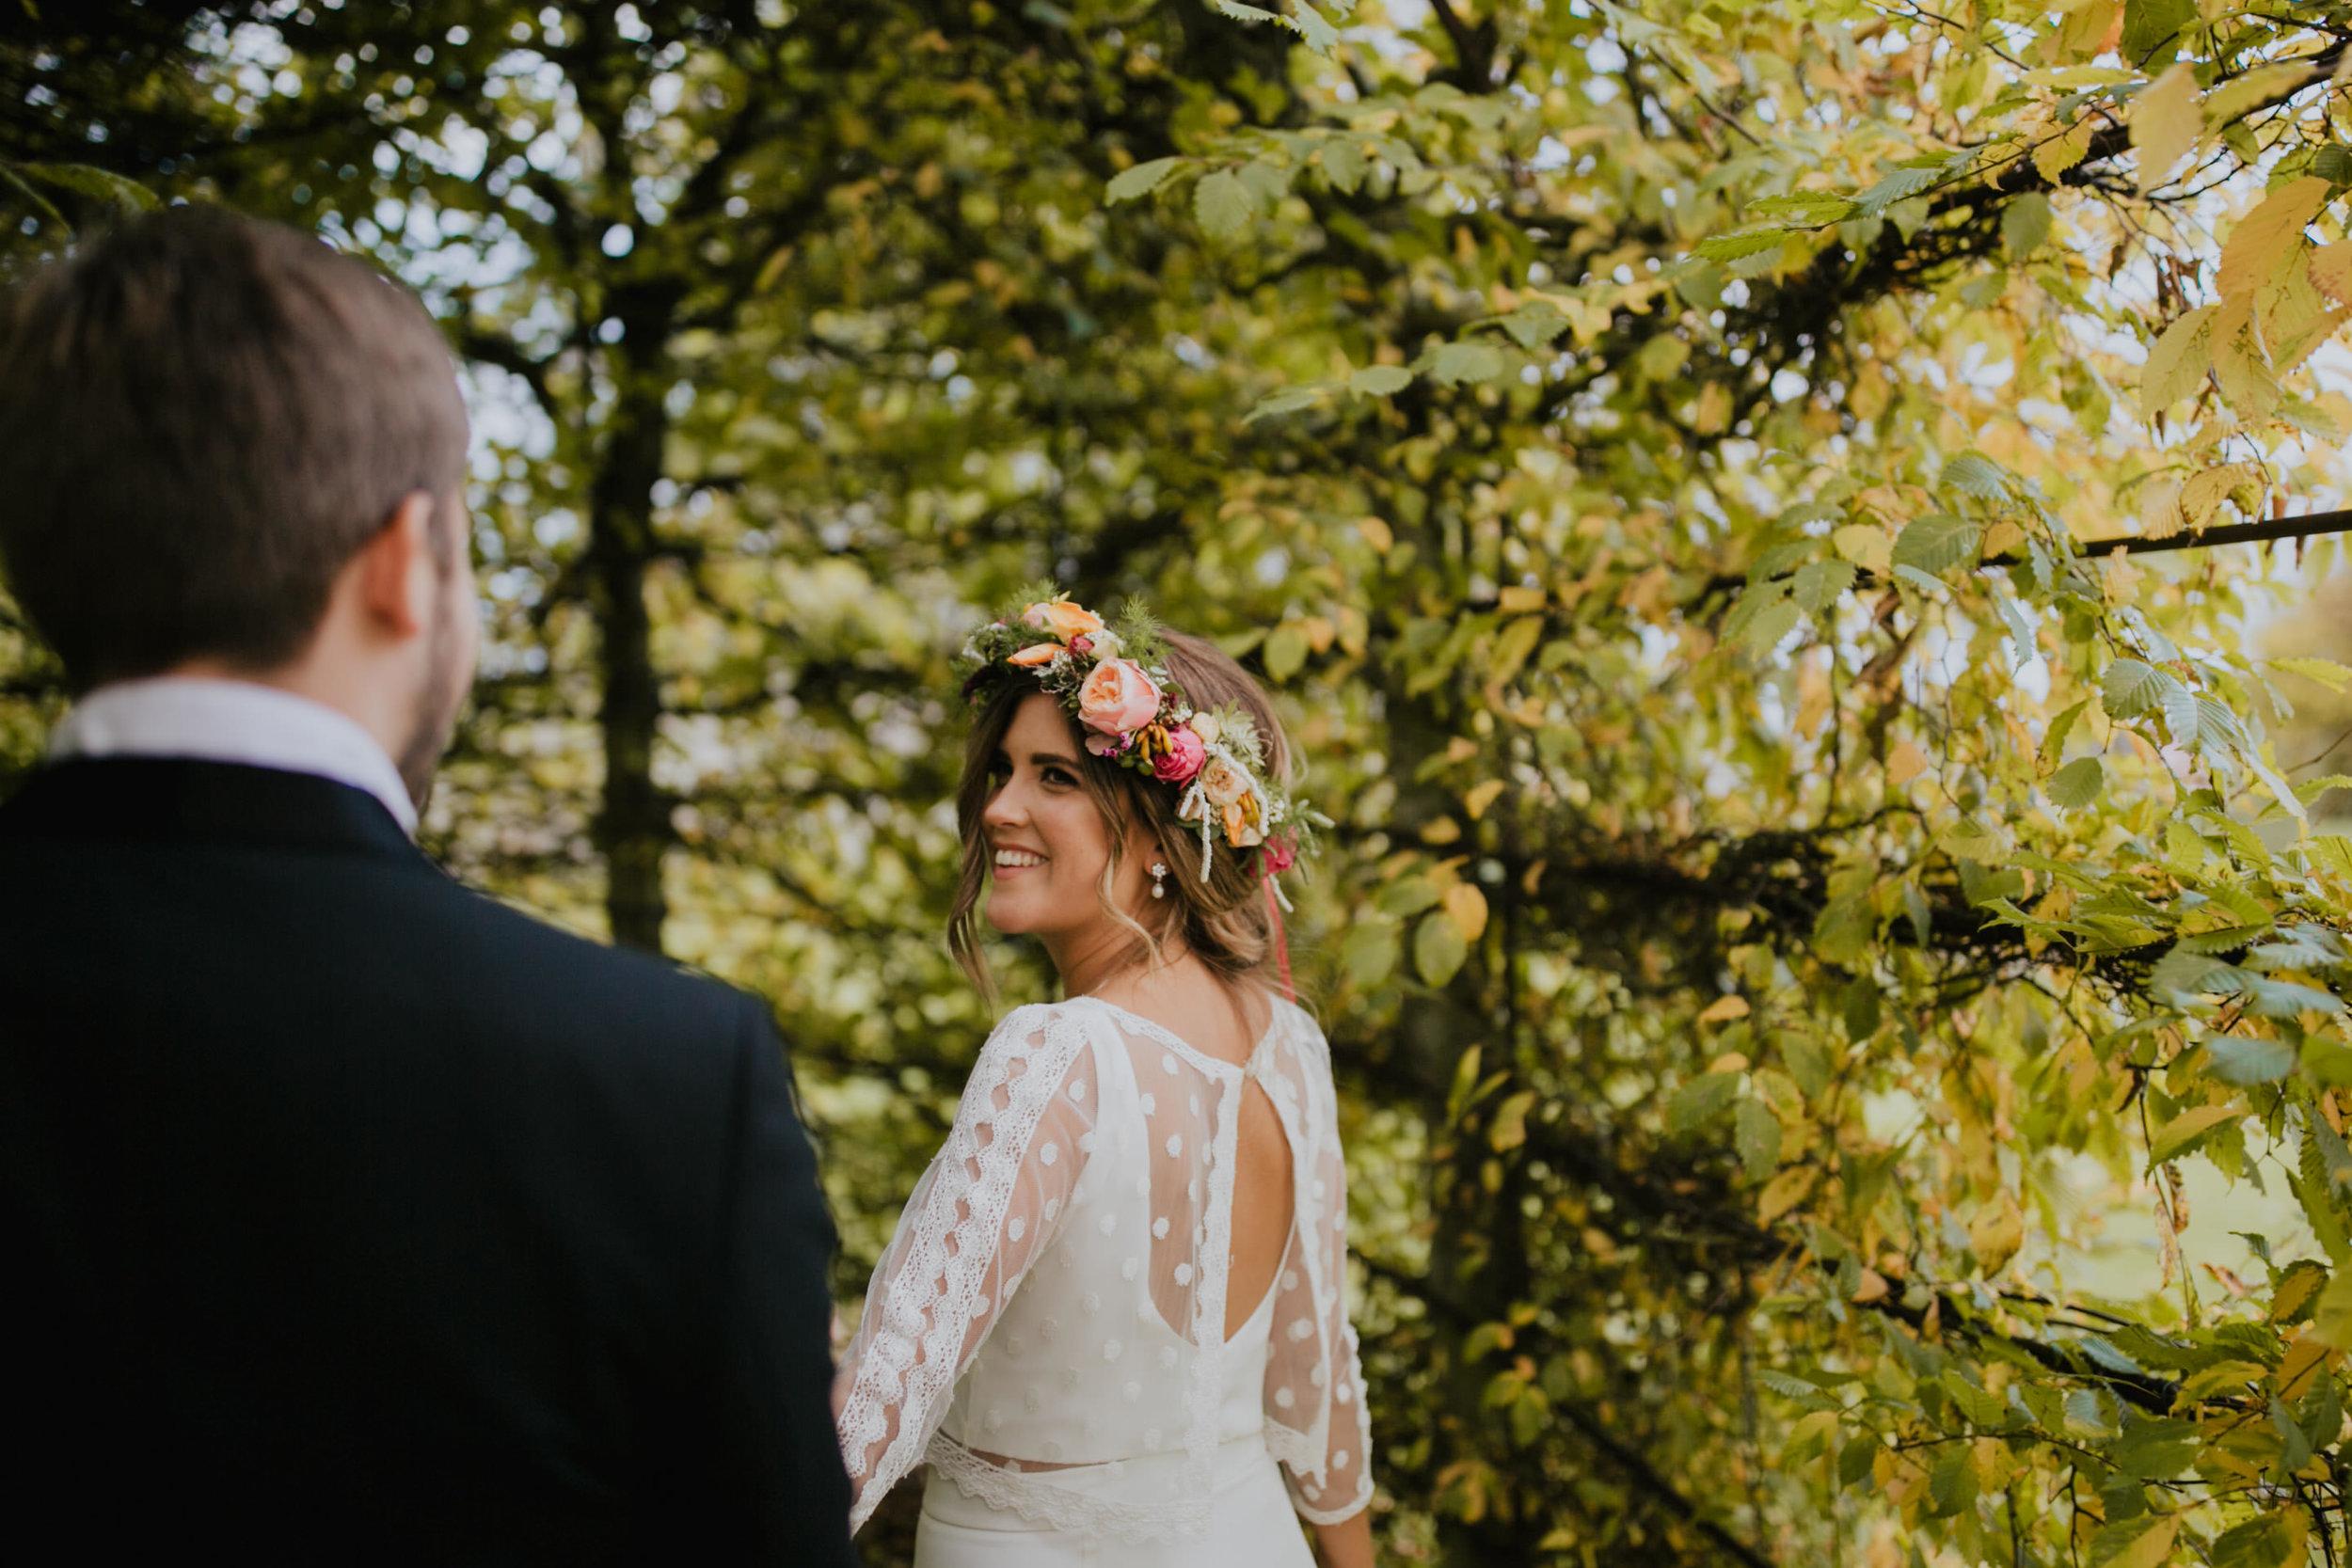 a&s_ballymagarvey_village_wedding_photographer_livia_figueiredo_4